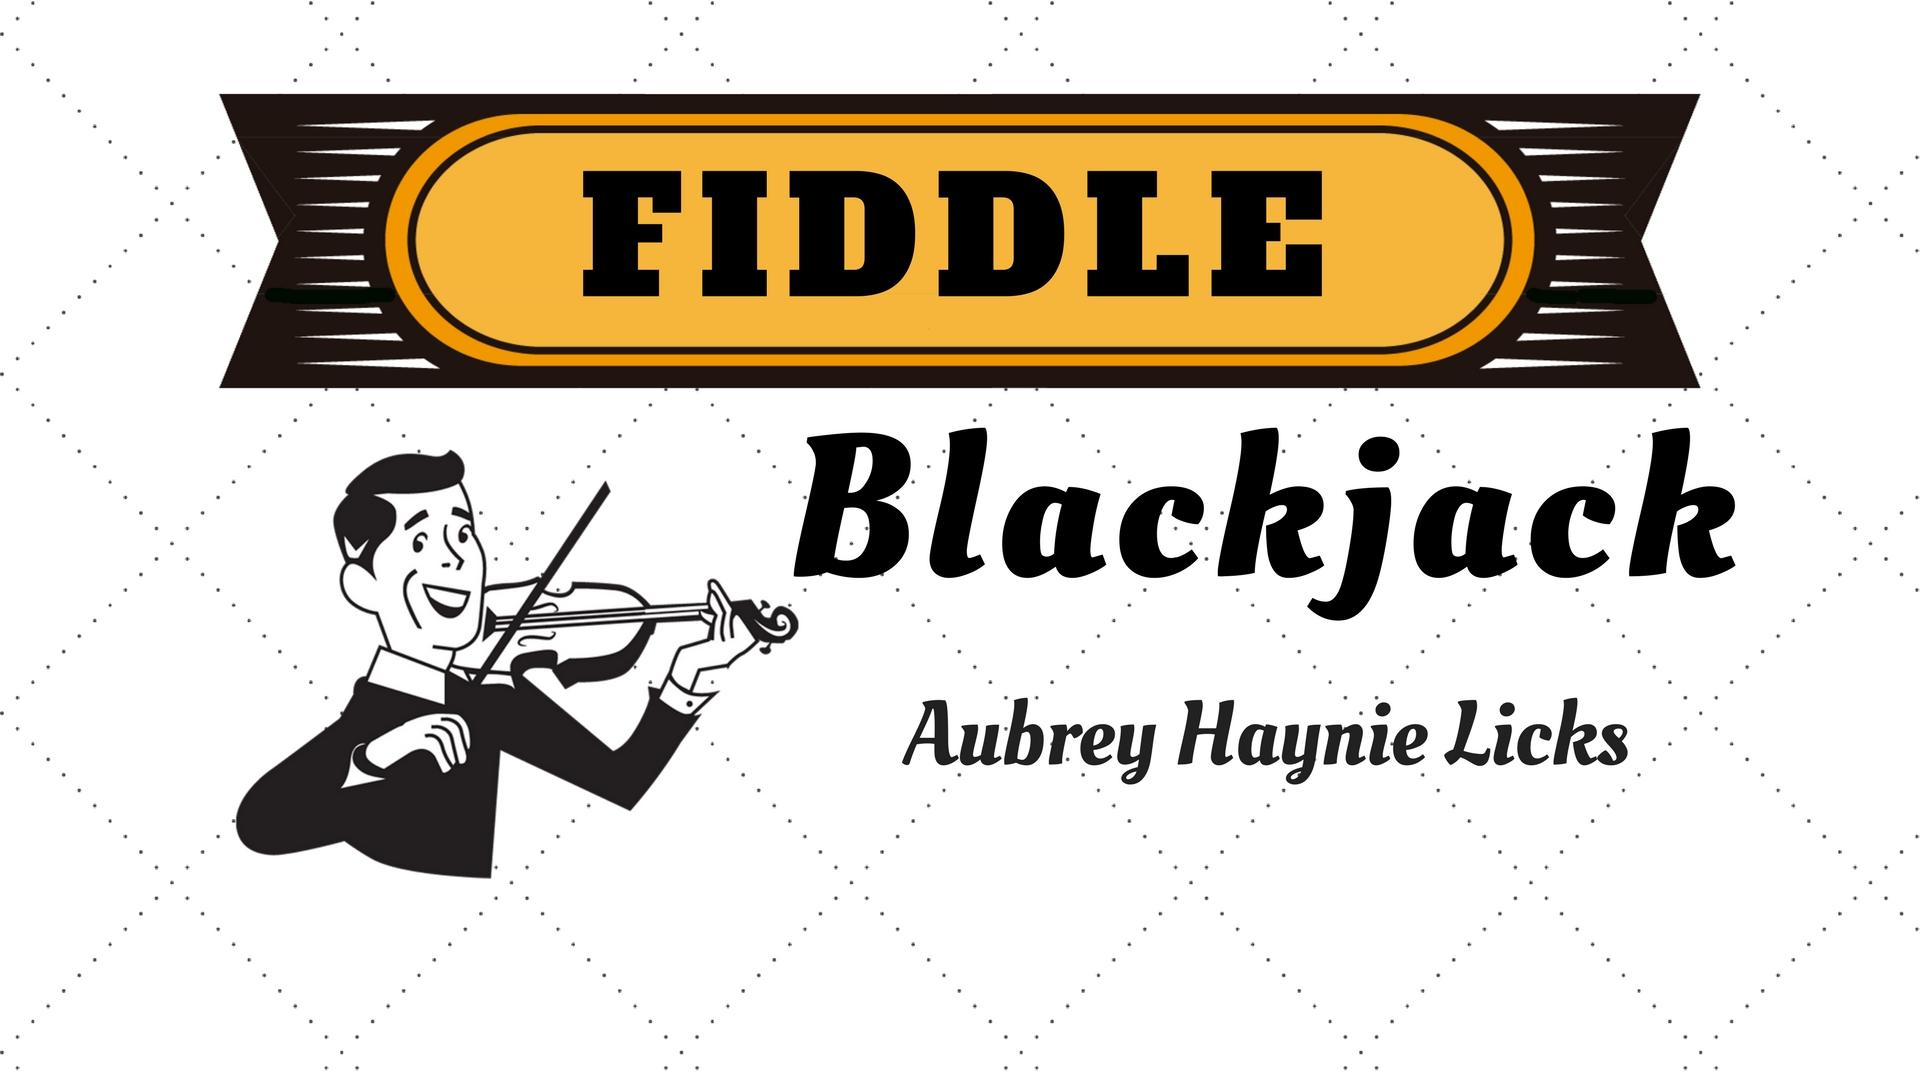 Fiddle Blackjack